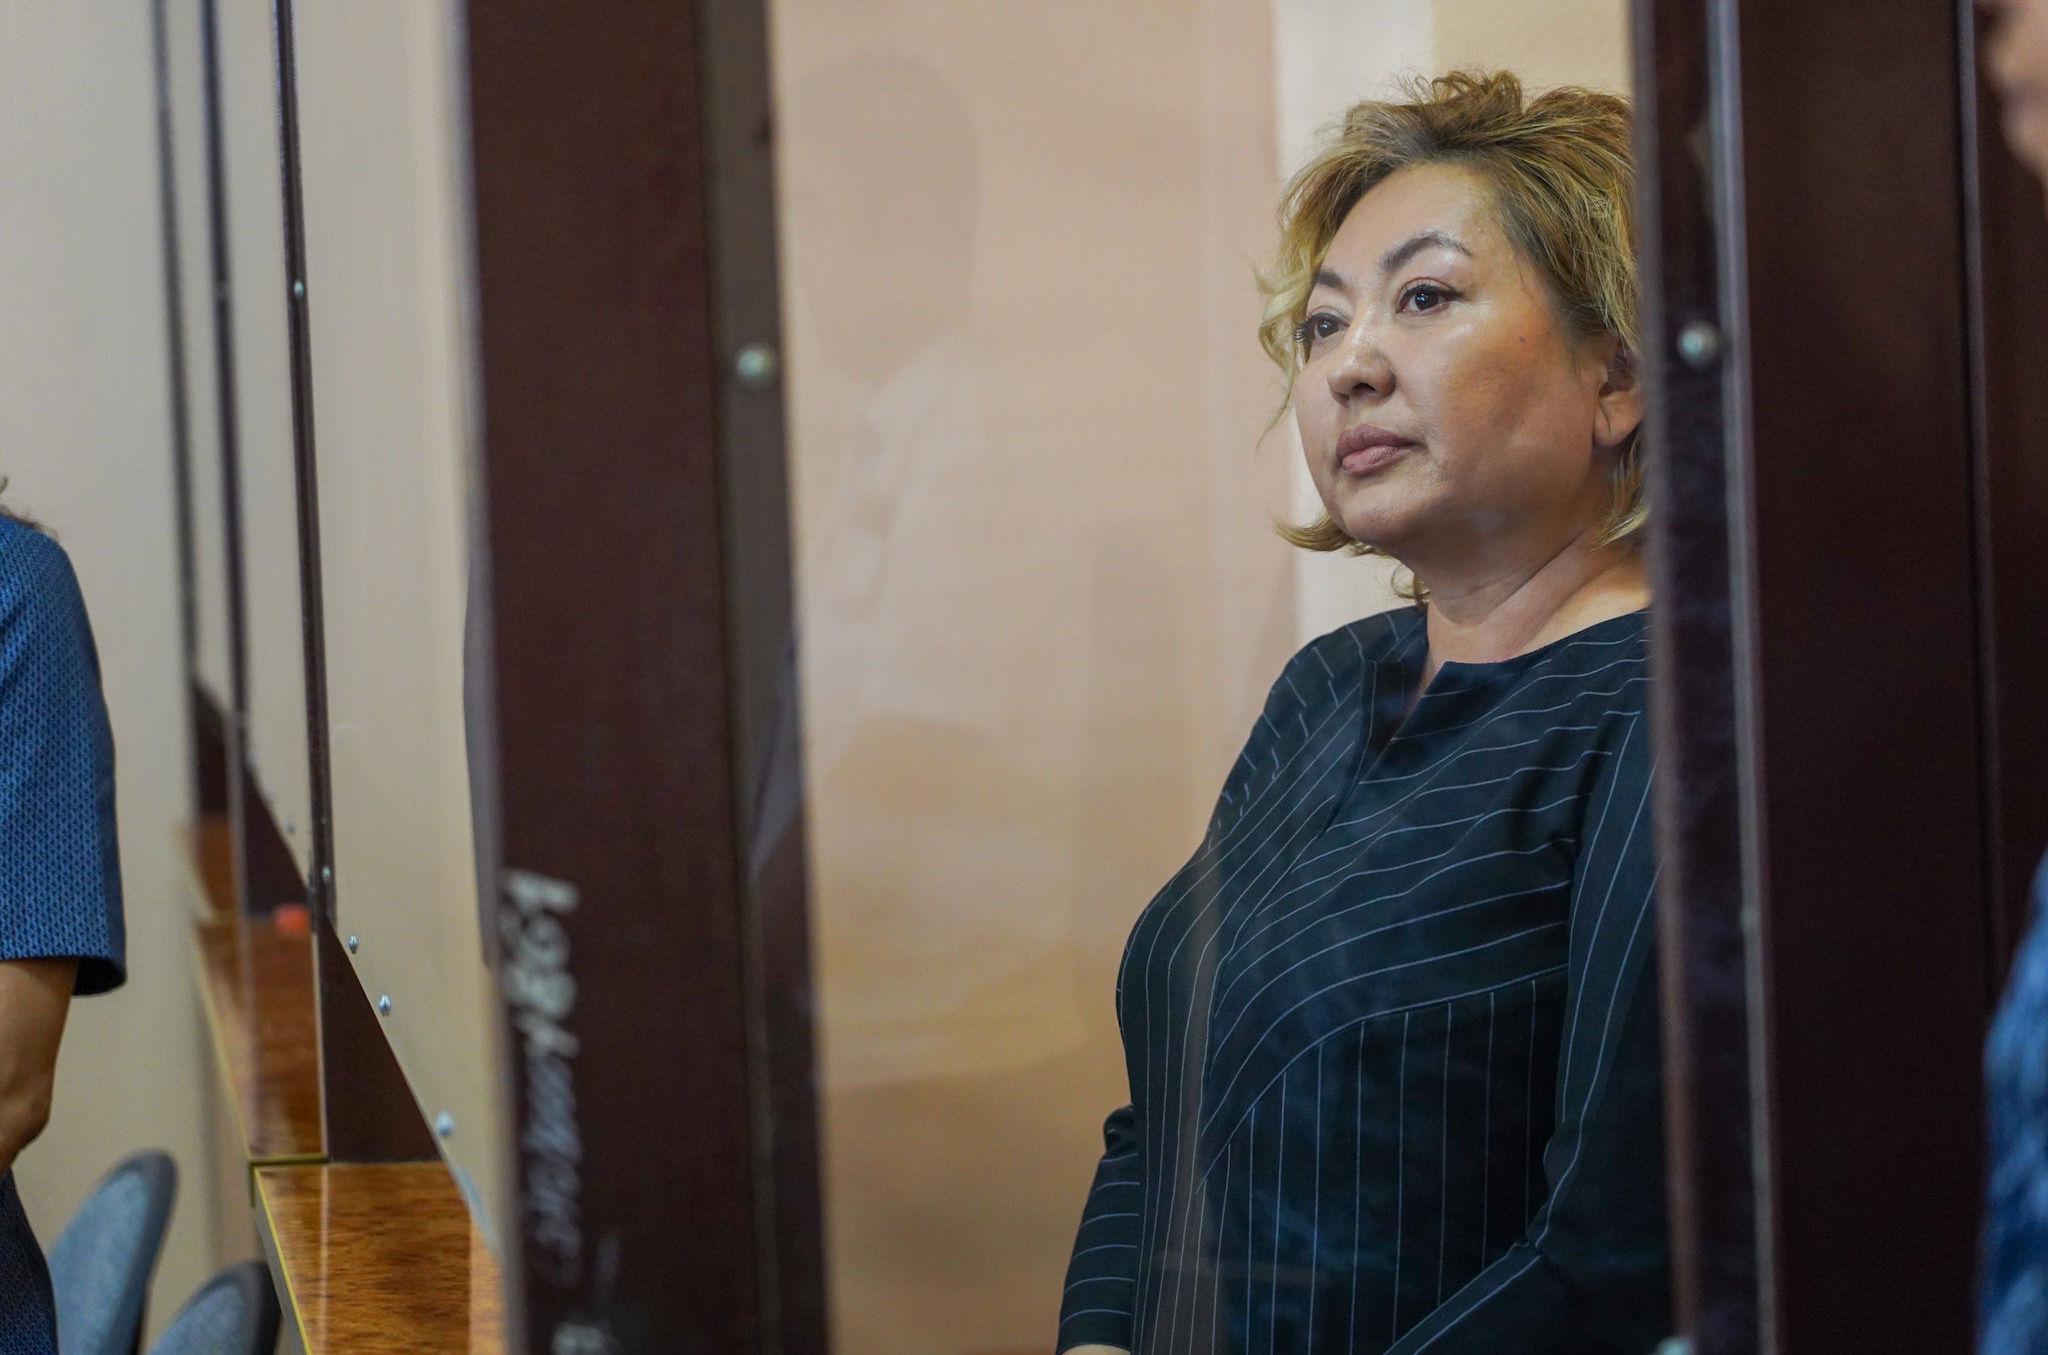 Вице-министр образования и науки Эльмира Суханбердиева признана виновной.